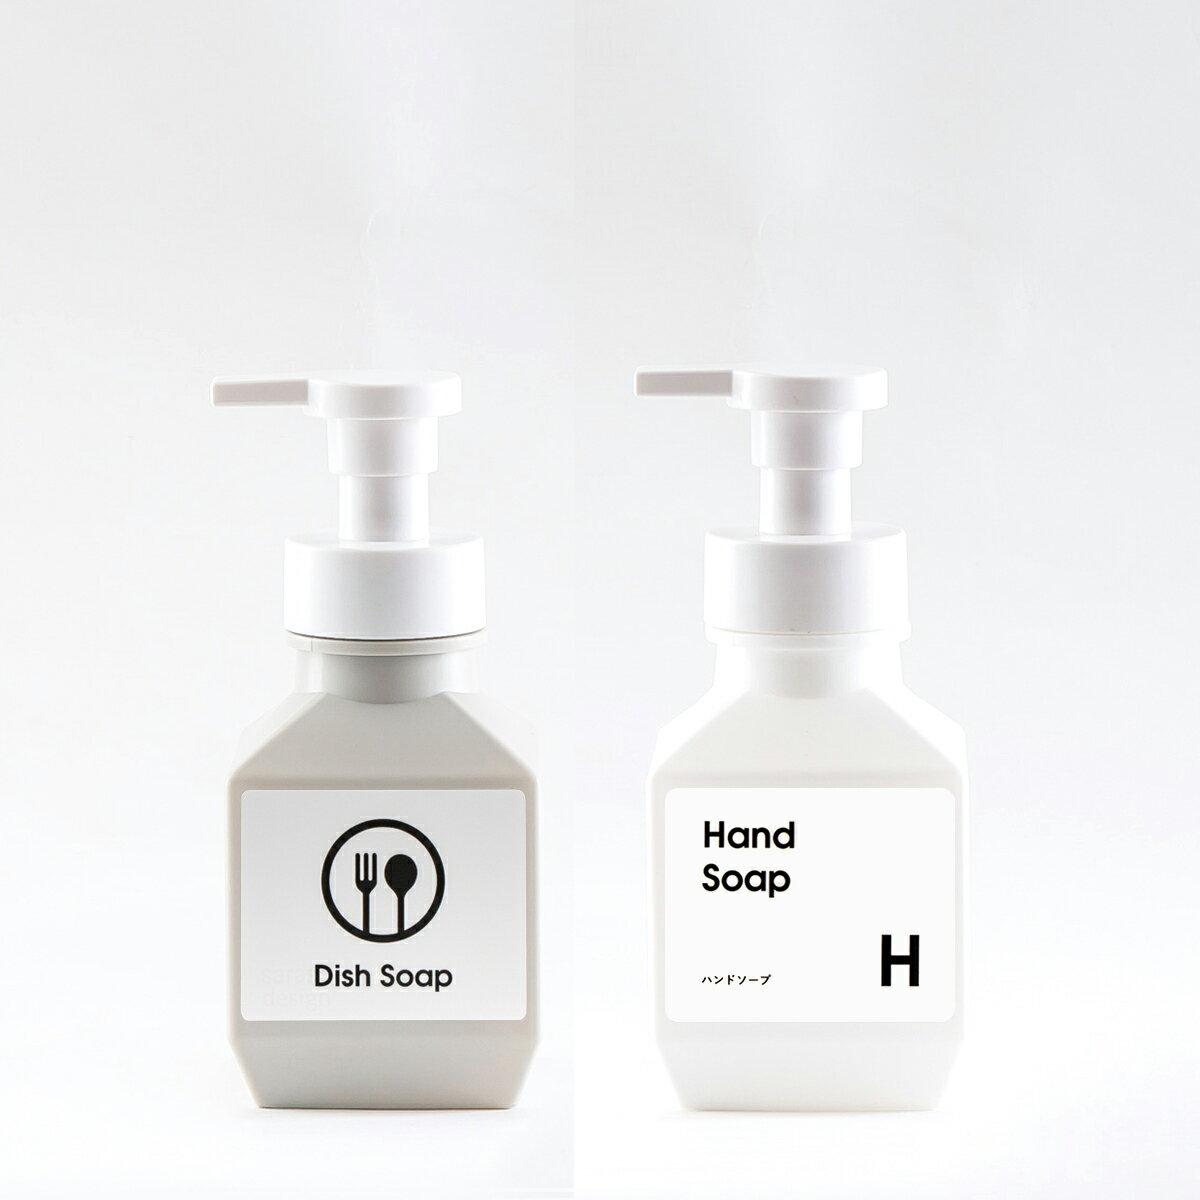 シンプルで多目的に使える詰め替えボトルのポンプタイプ、ソープディスペンサーやシャンプーボトルやキッチン洗剤容器に[ムースボトル PET 280ml]